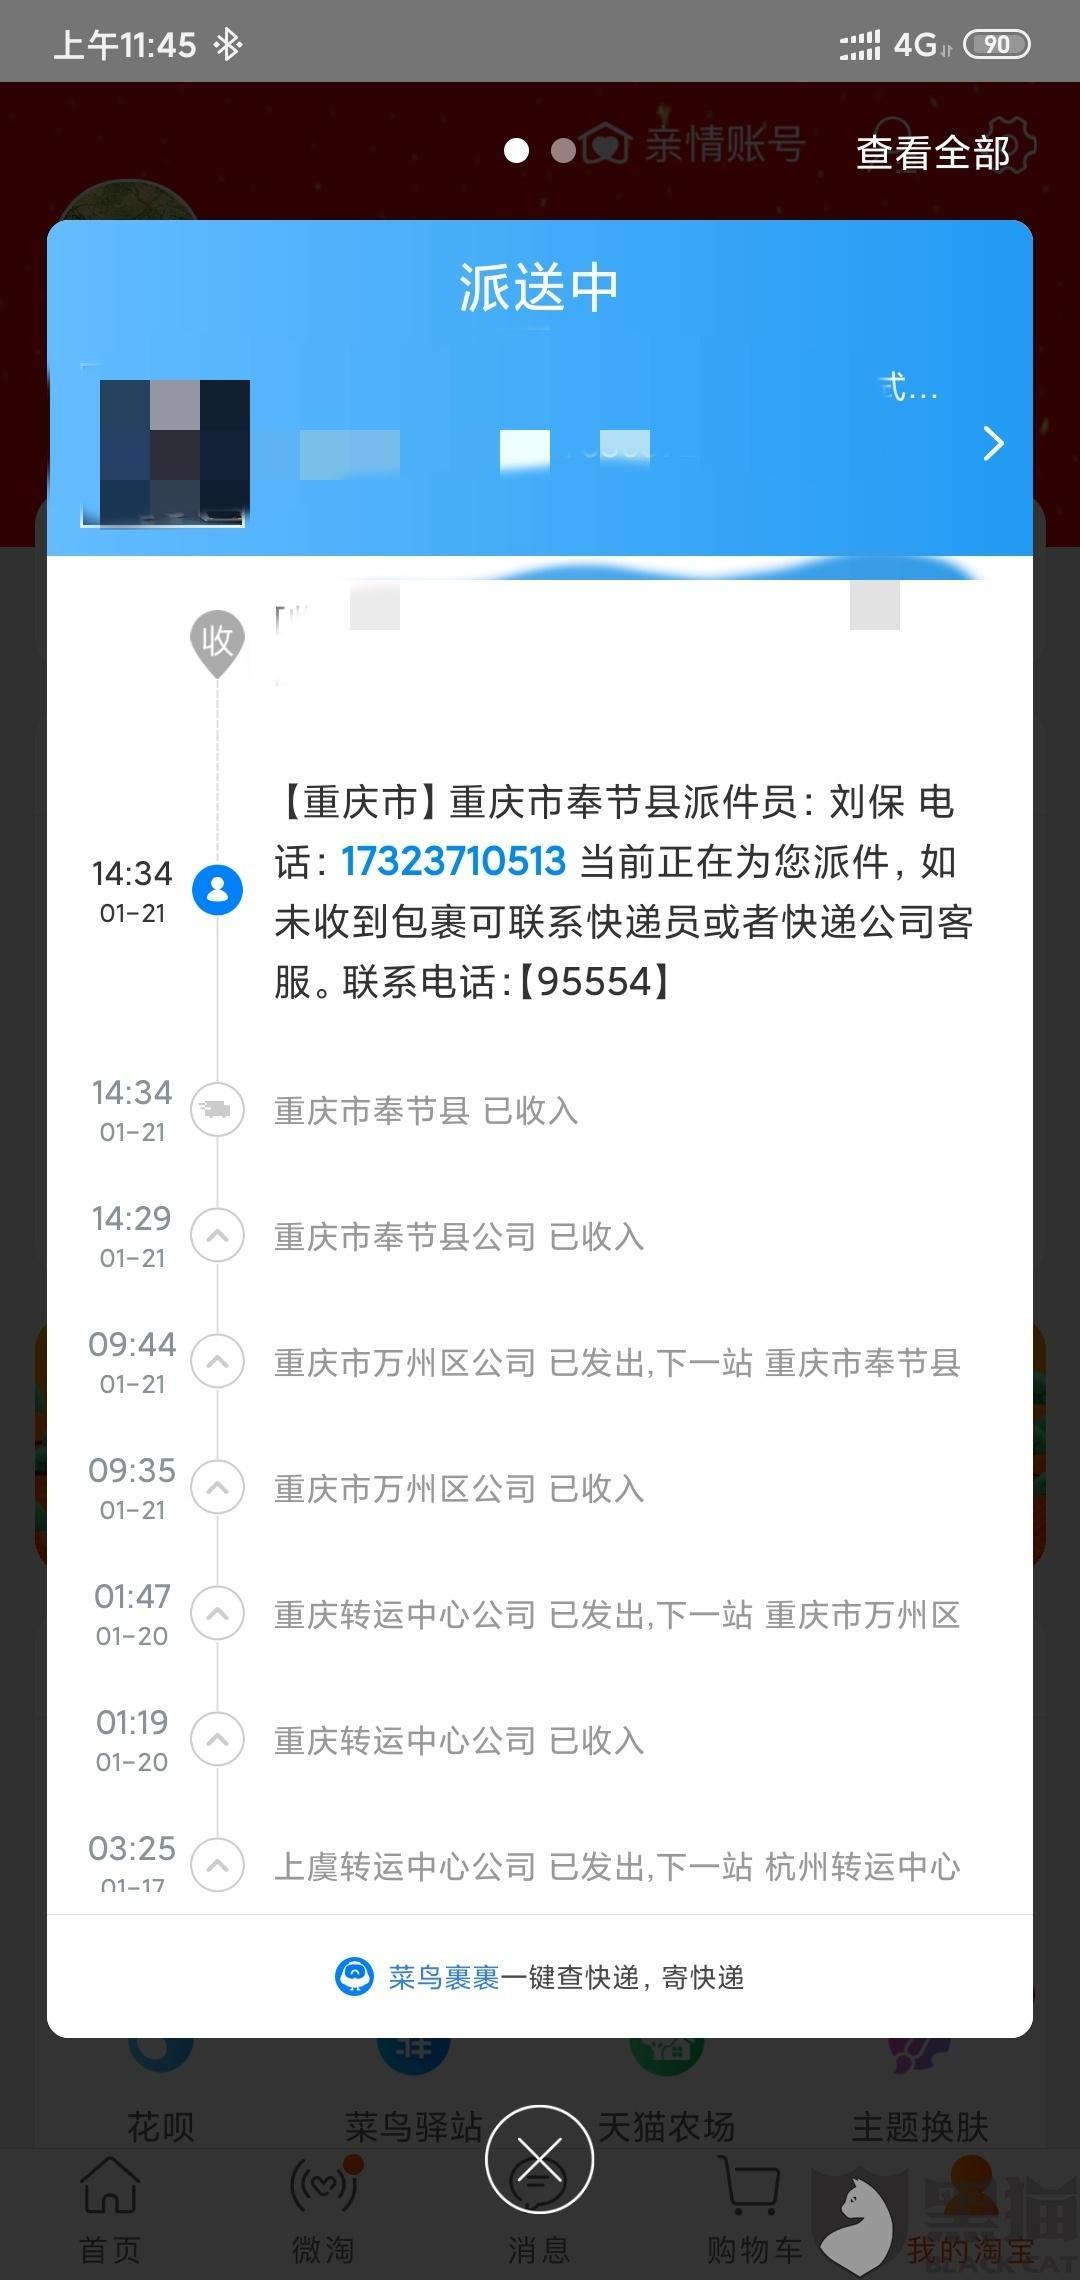 黑猫投诉:浙江到重庆快递用了五天,显示配送中,三天没收到包裹和解释,快递员电话不通客服忙线